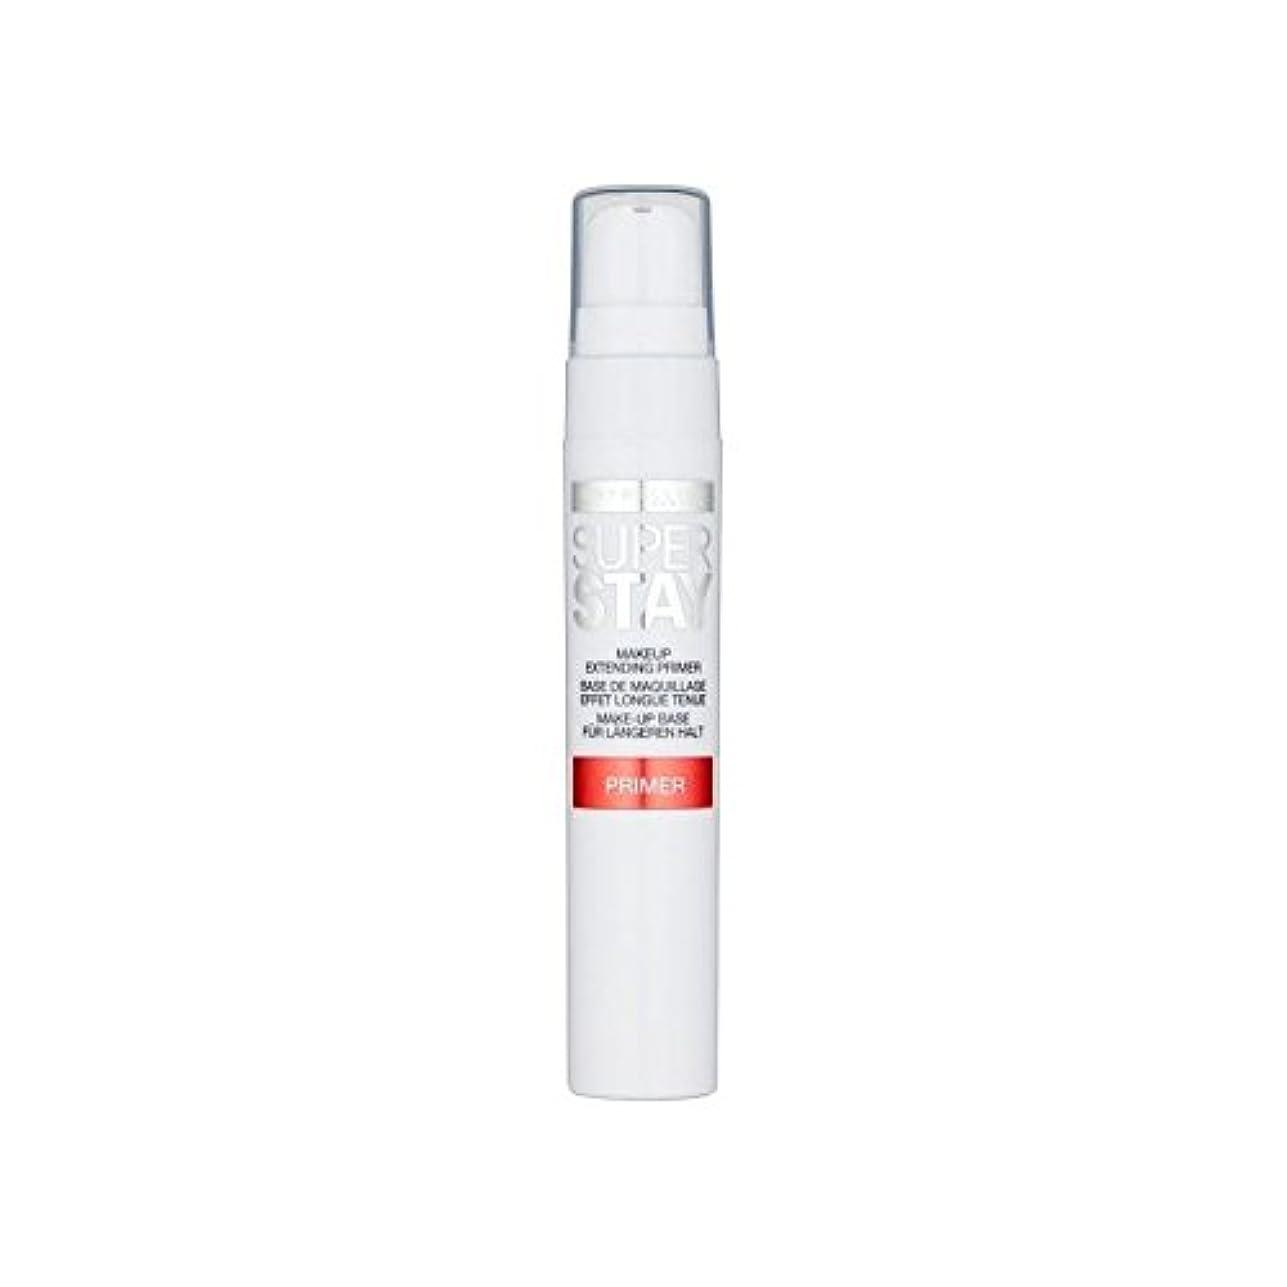 トランクライブラリ塗抹達成可能Maybelline Face Superstay 24H Primer - メイベリン顔 24とプライマー [並行輸入品]